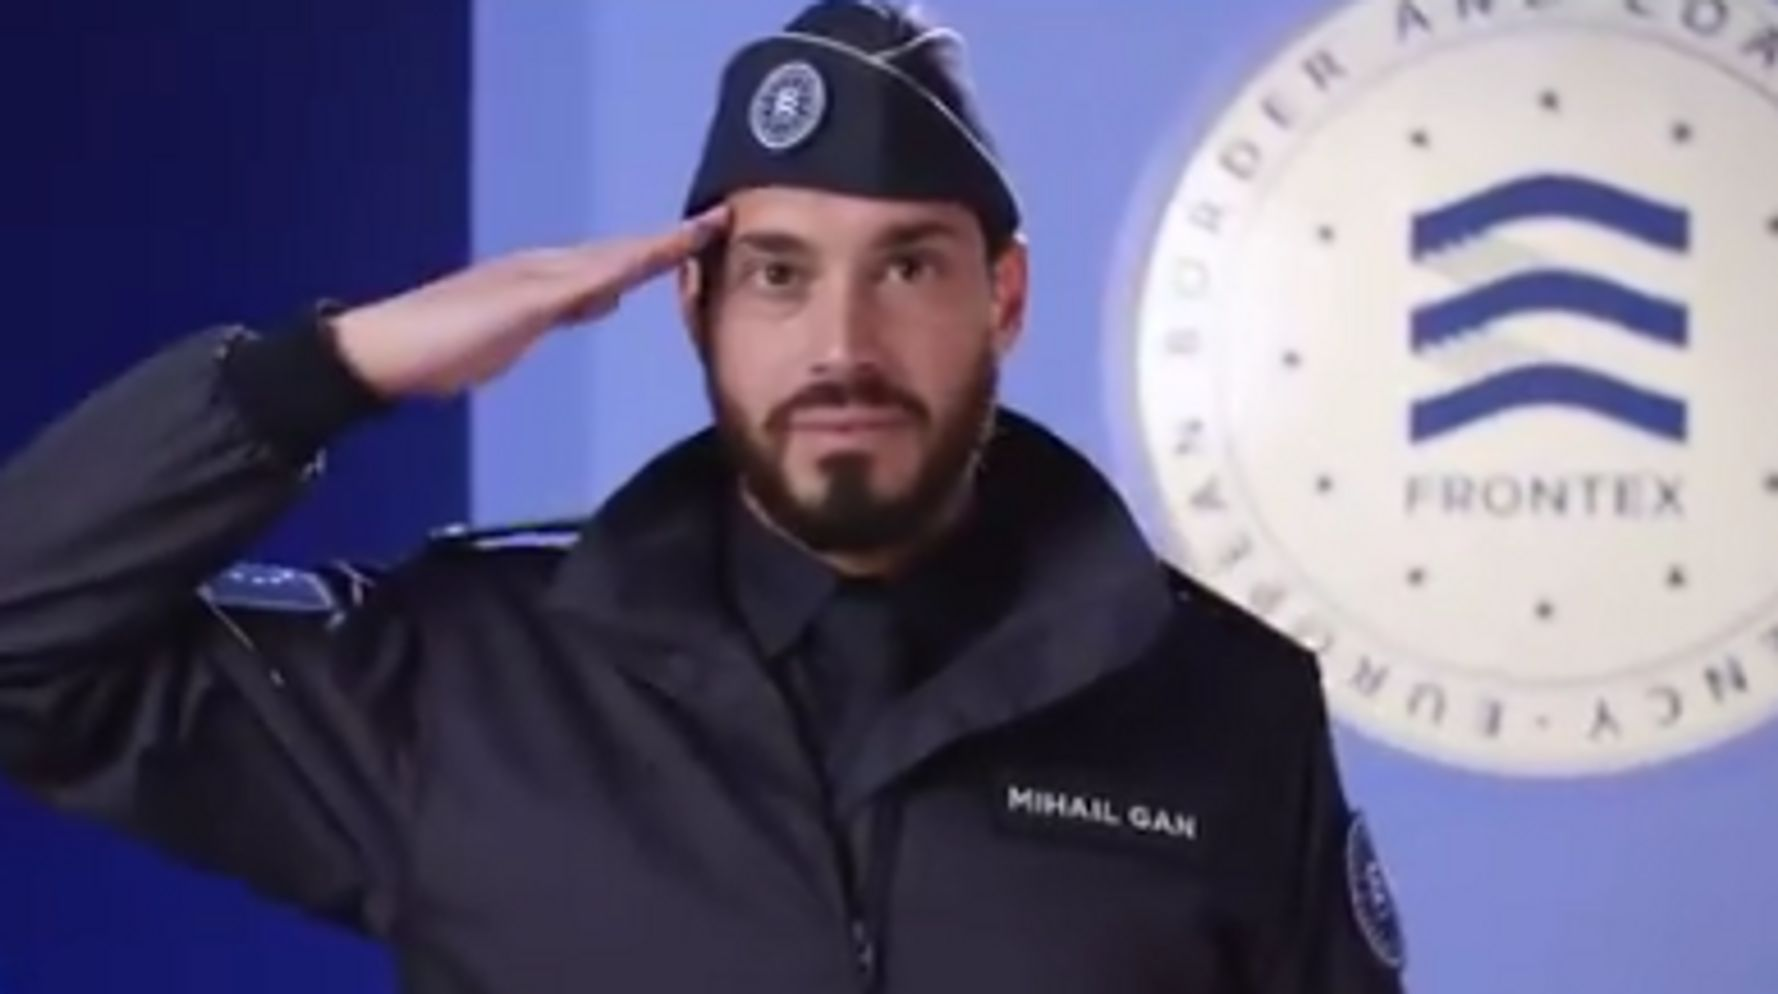 L'Union européenne équipe Frontex de ses propres uniformes, une première